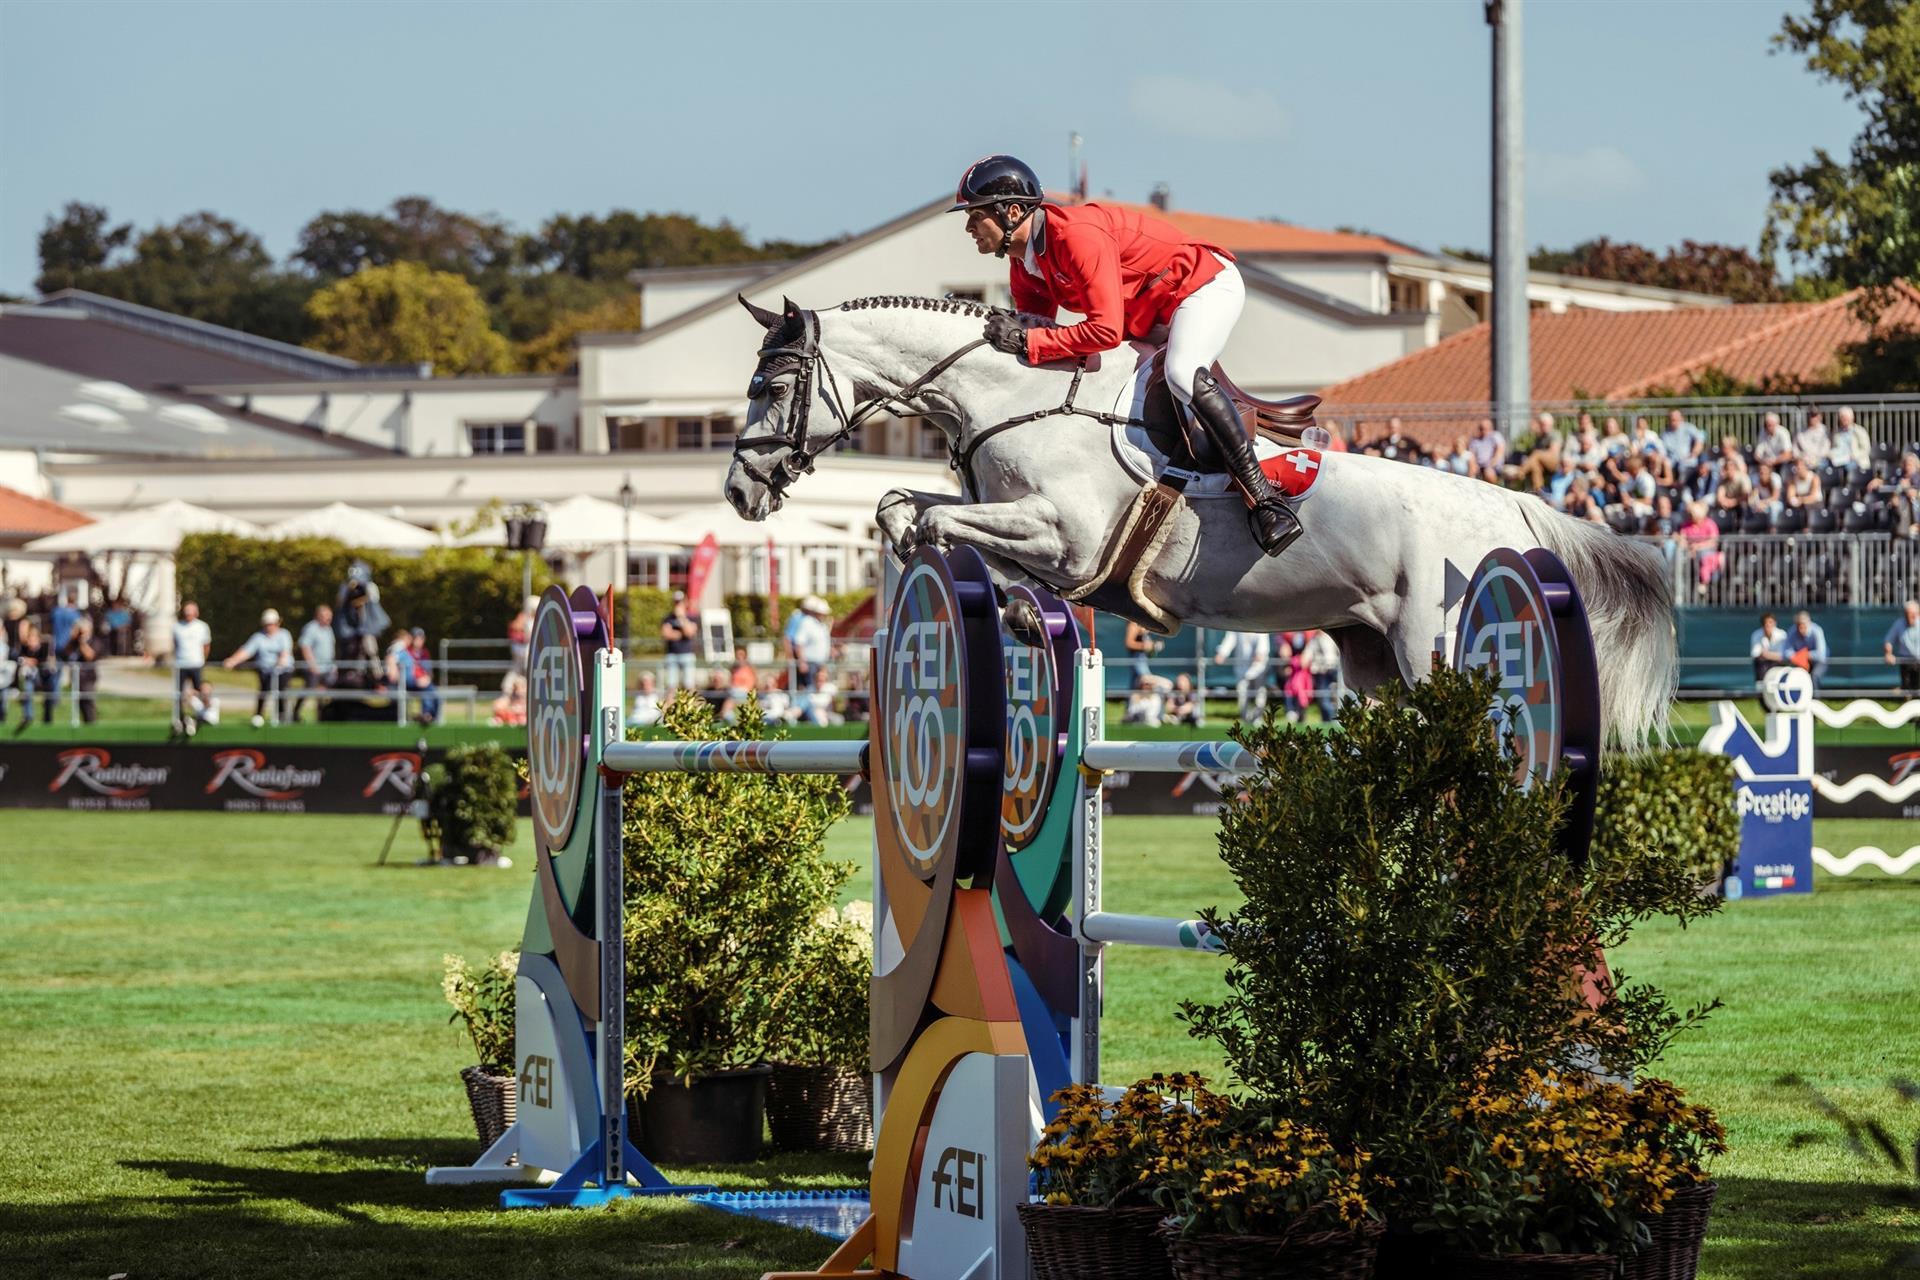 El jinete suizo Bryan Balsiger y su caballo 'AK's Courage', durante la prueba por equipos del Campeonato de Europa 2021 salto a caballo en Riesenbeck (Alemania).- EFE/Christophe Tanière /Federación Ecuestre Internacional (FEI)/SOLO USO EDITORIAL/SOLO DISPONIBLE PARA ILUSTRAR LA NOTICIA QUE ACOMPAÑA (CRÉDITO OBLIGATORIO)